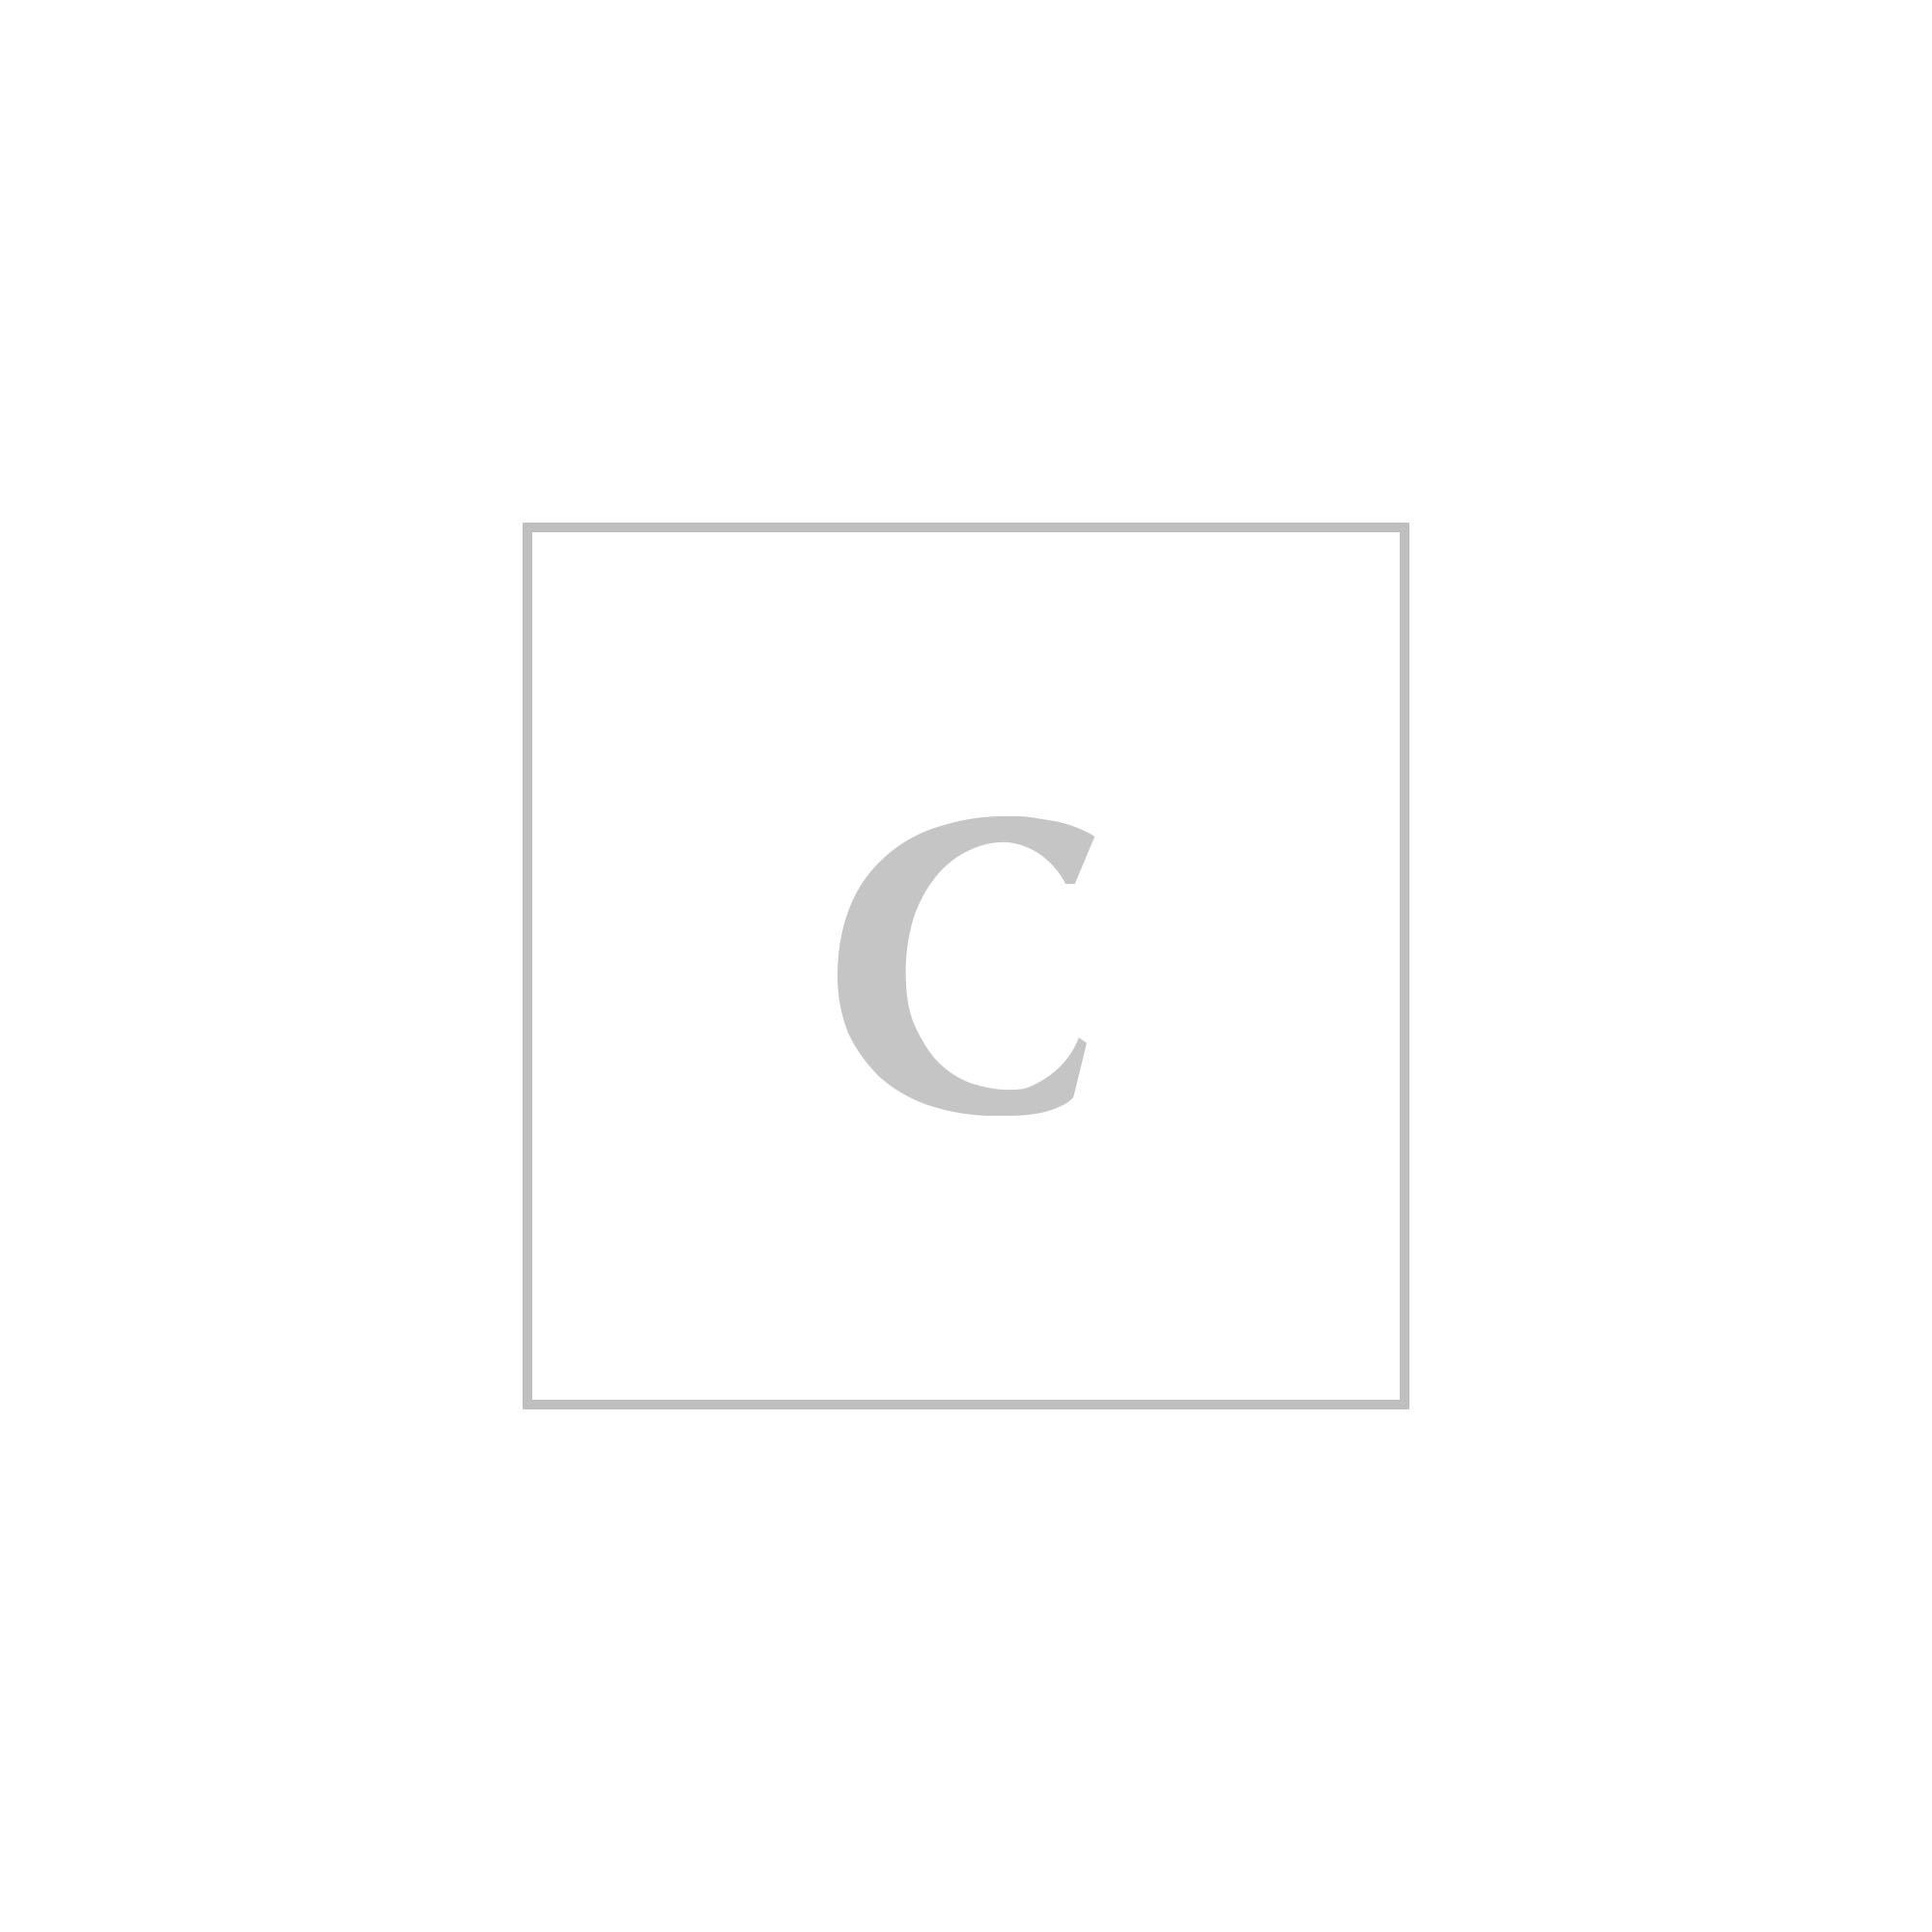 Borsa Prada Camera bag in nylon con logo triangolare e fibbia